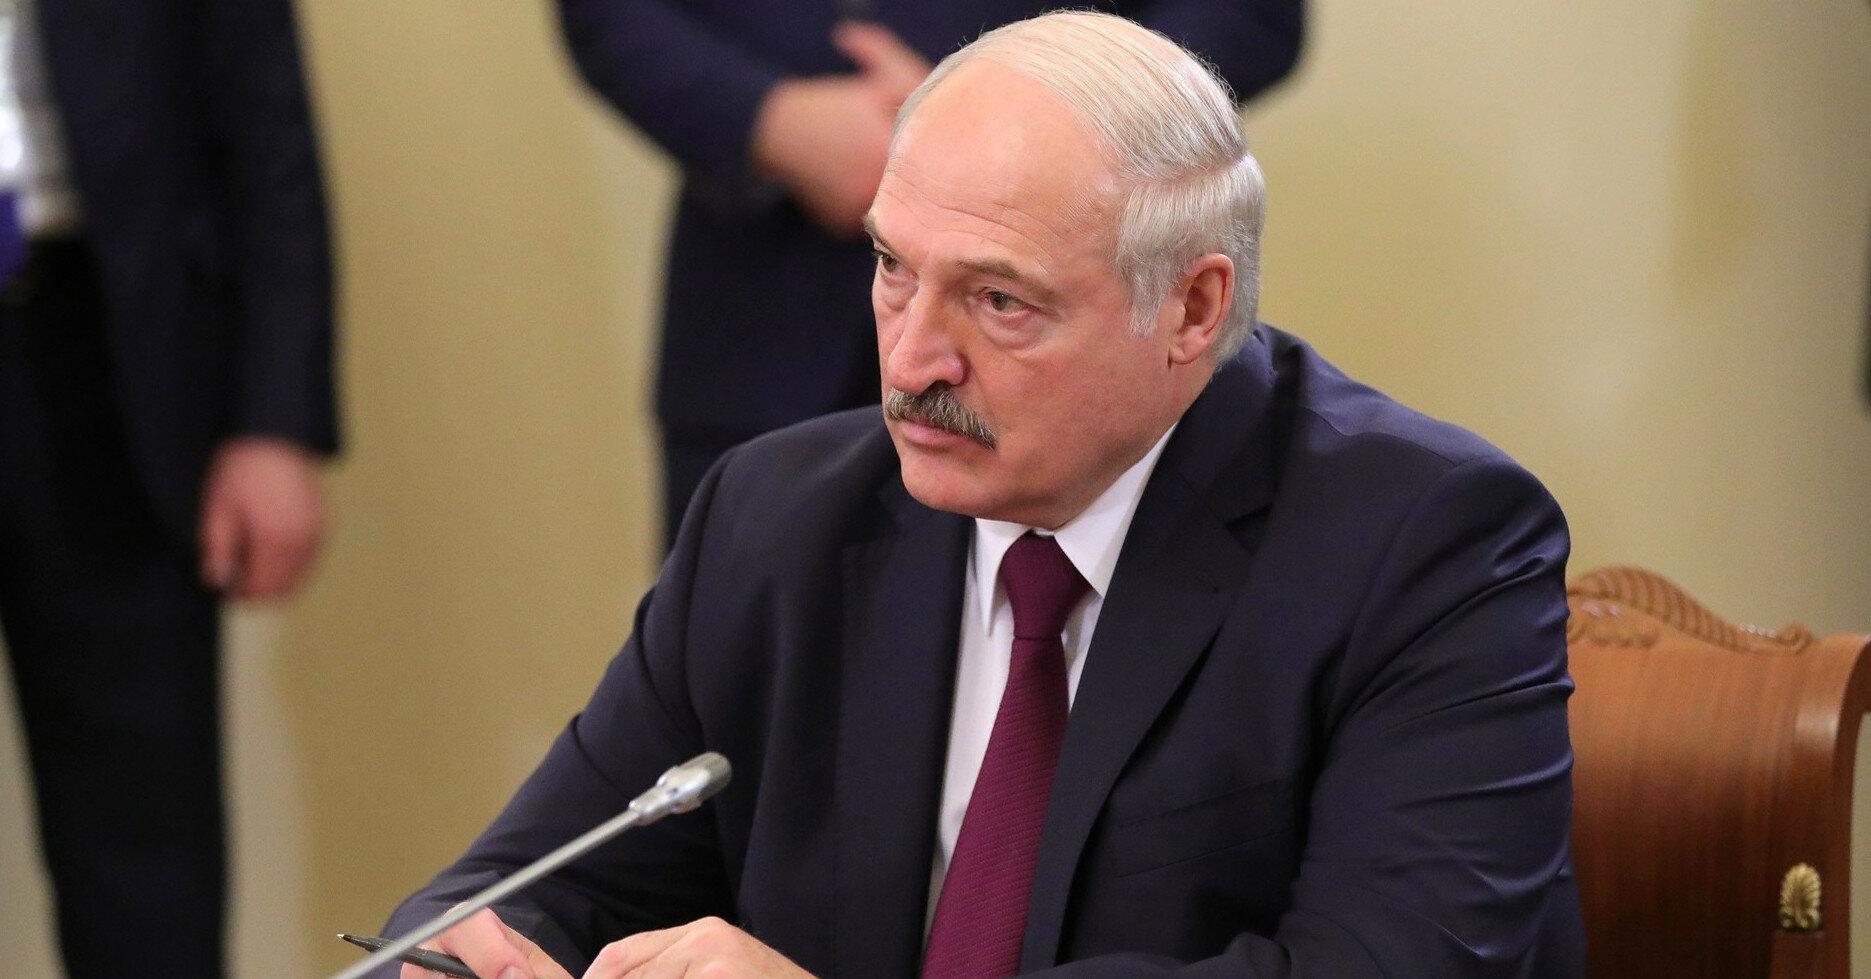 Лукашенко обвинил Зеленского в поставках оружия в Беларусь